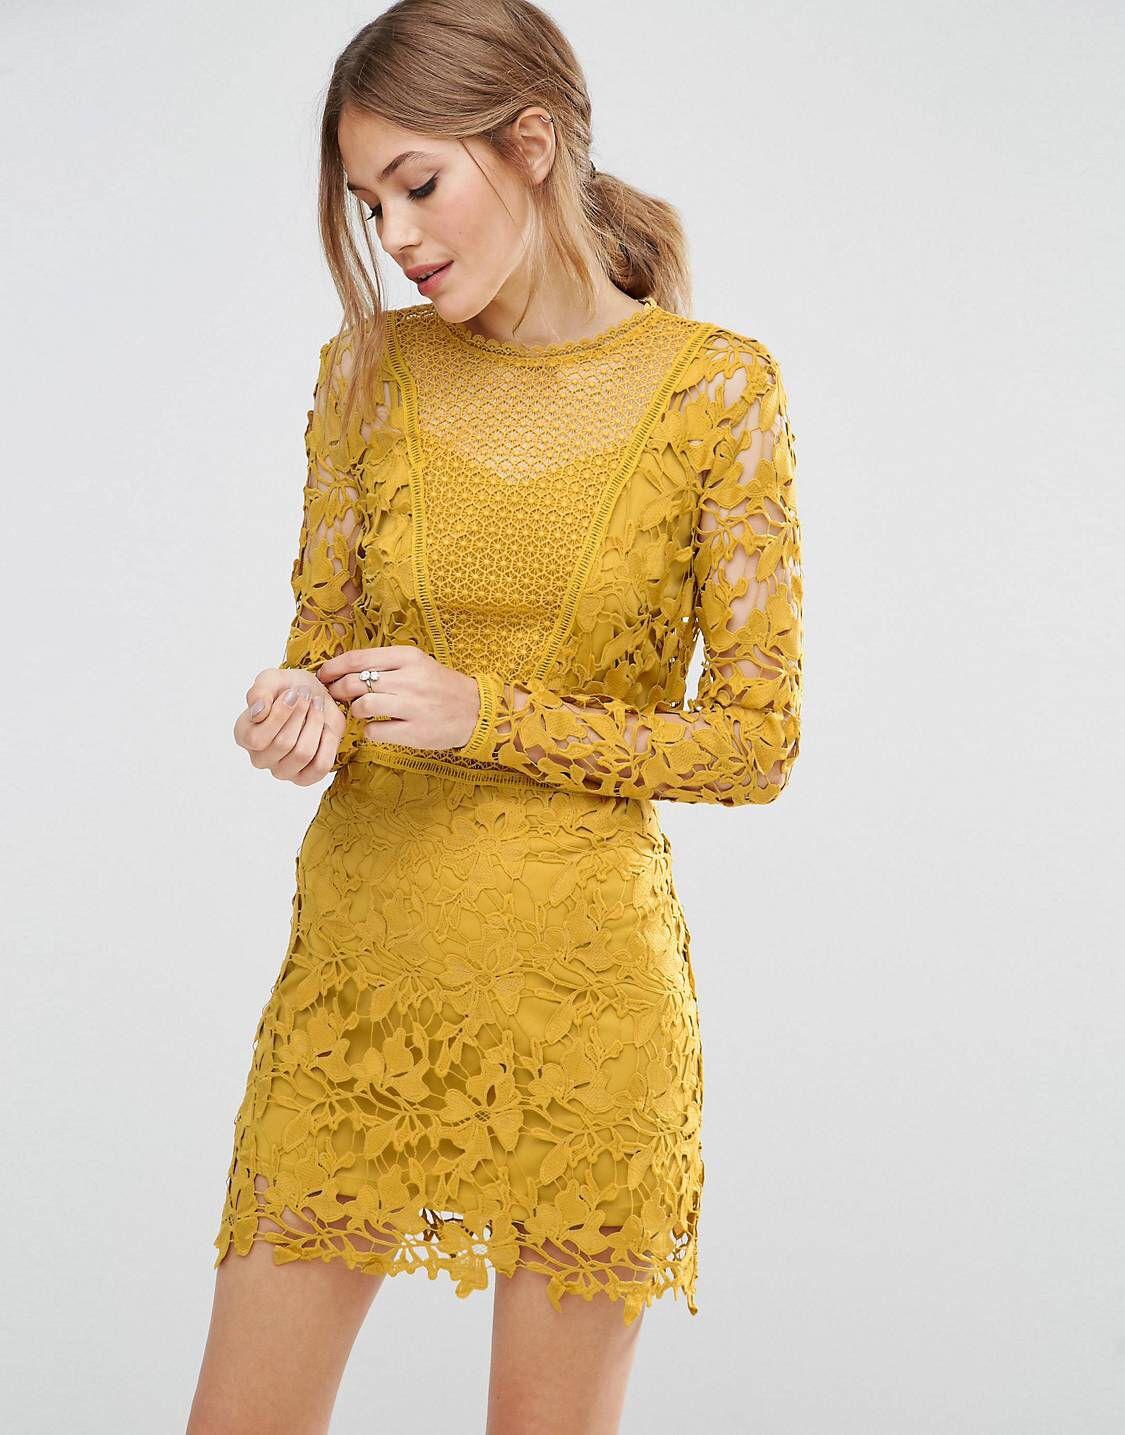 Explora Color Mostaza, Vestido Recto, ¡y mucho más! LOVE this from ASOS!